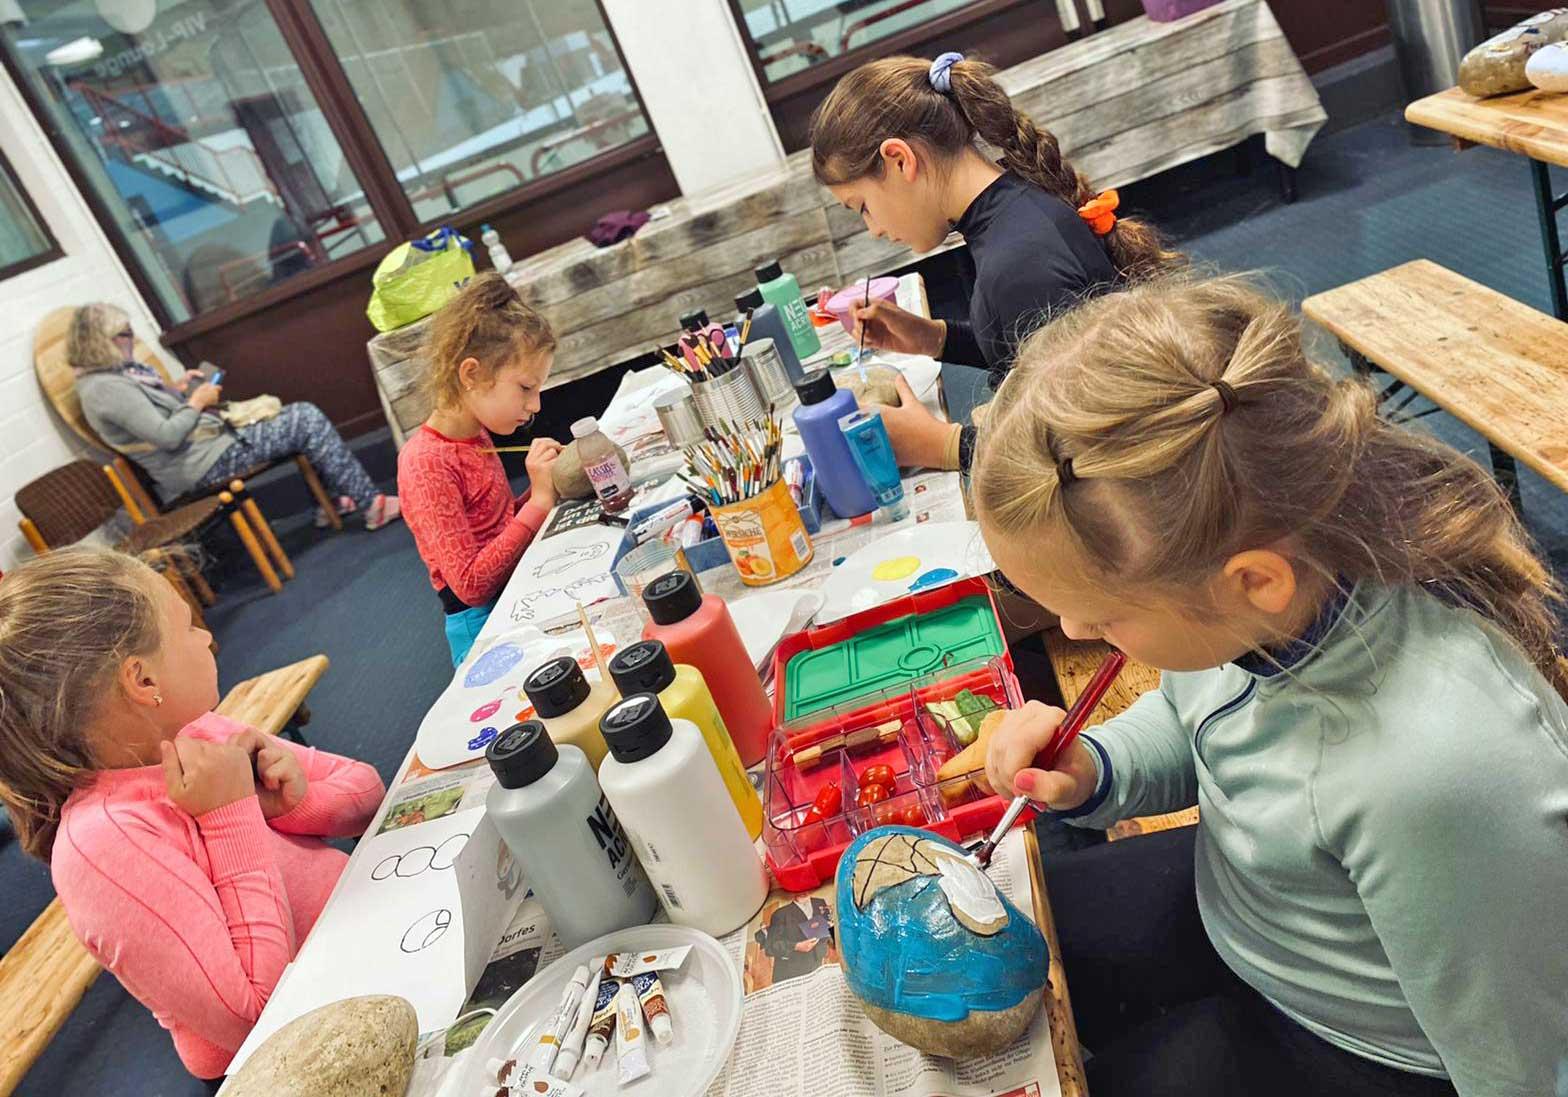 Die Wiehler Eiskunstläuferinnen nutzten die Trainingspausen für ihre kreativen Ideen. Fotos: Gaby Krakau